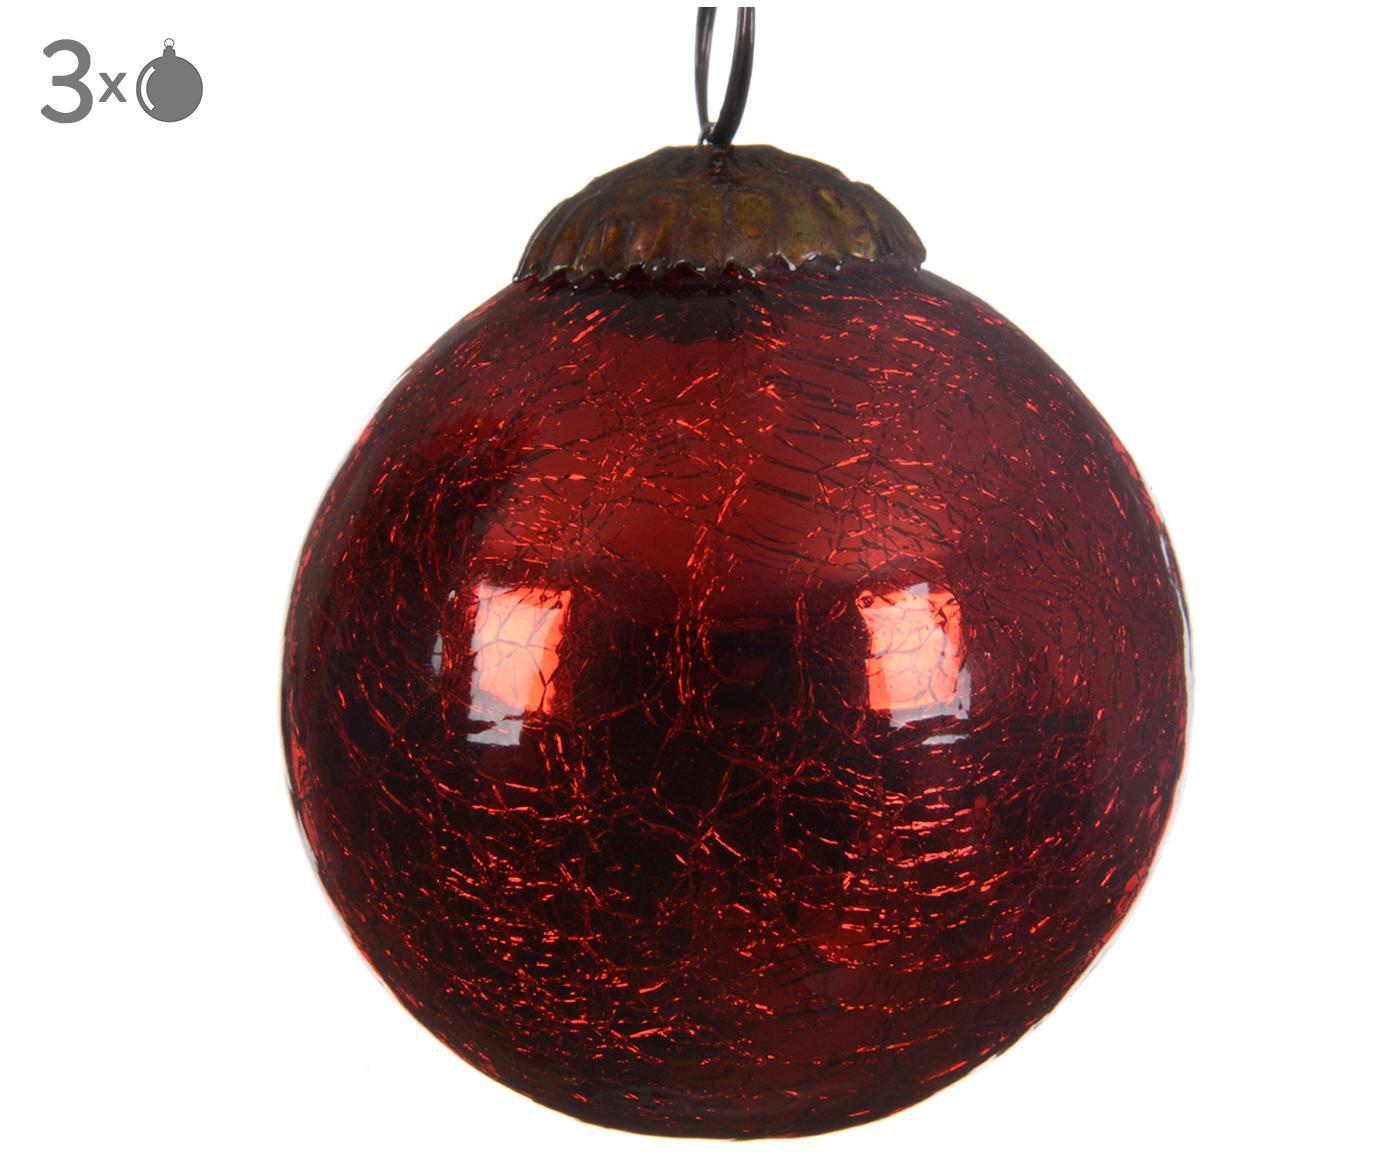 Weihnachtskugeln Craquele, 3 Stück, Glas, Rot, Ø 8 cm